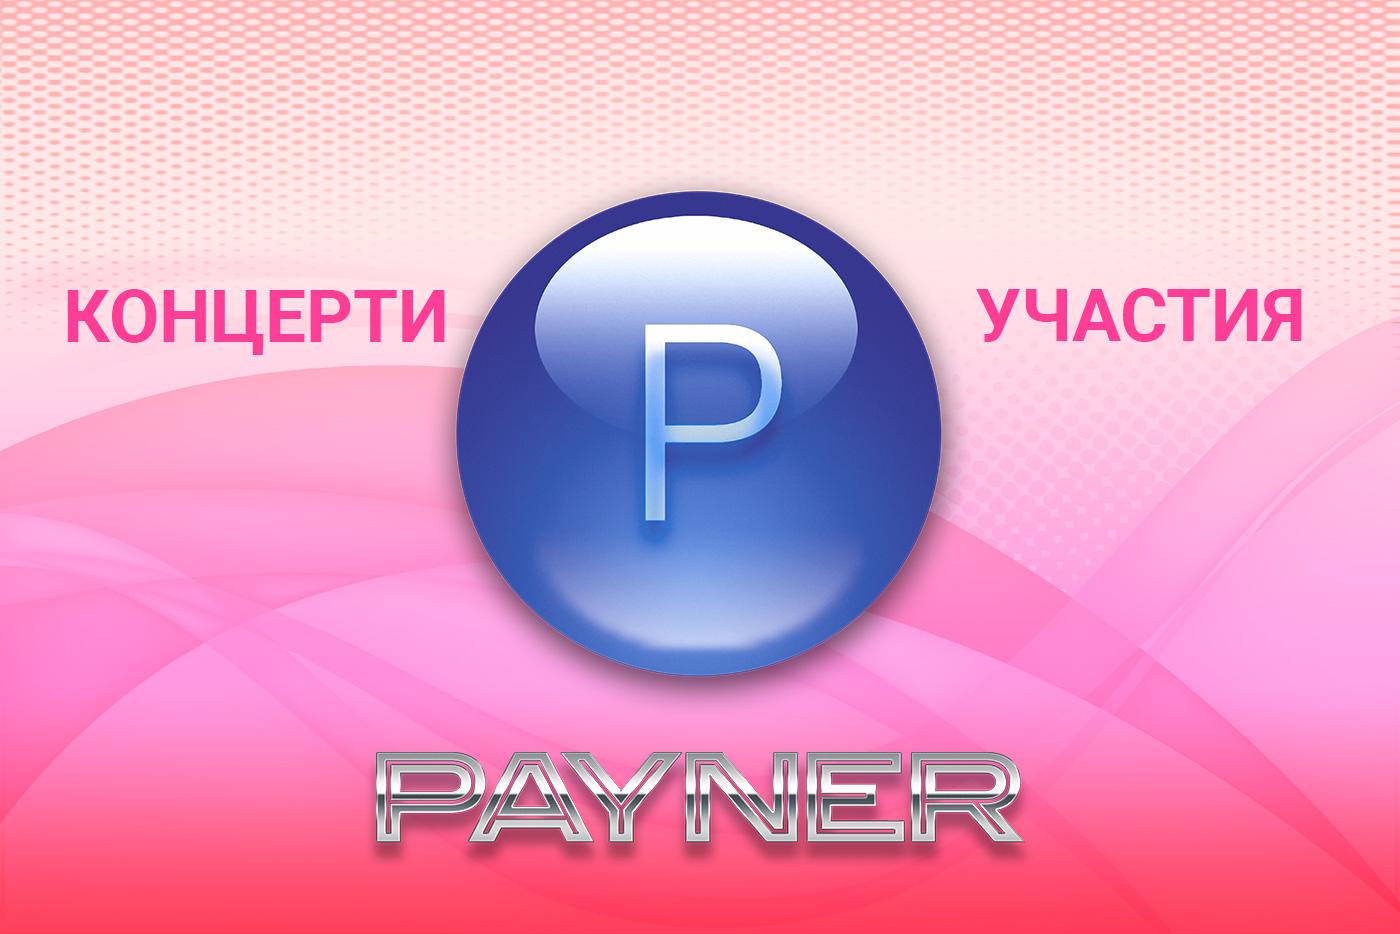 """Участия на звездите на """"Пайнер"""" на 20.08.2019"""